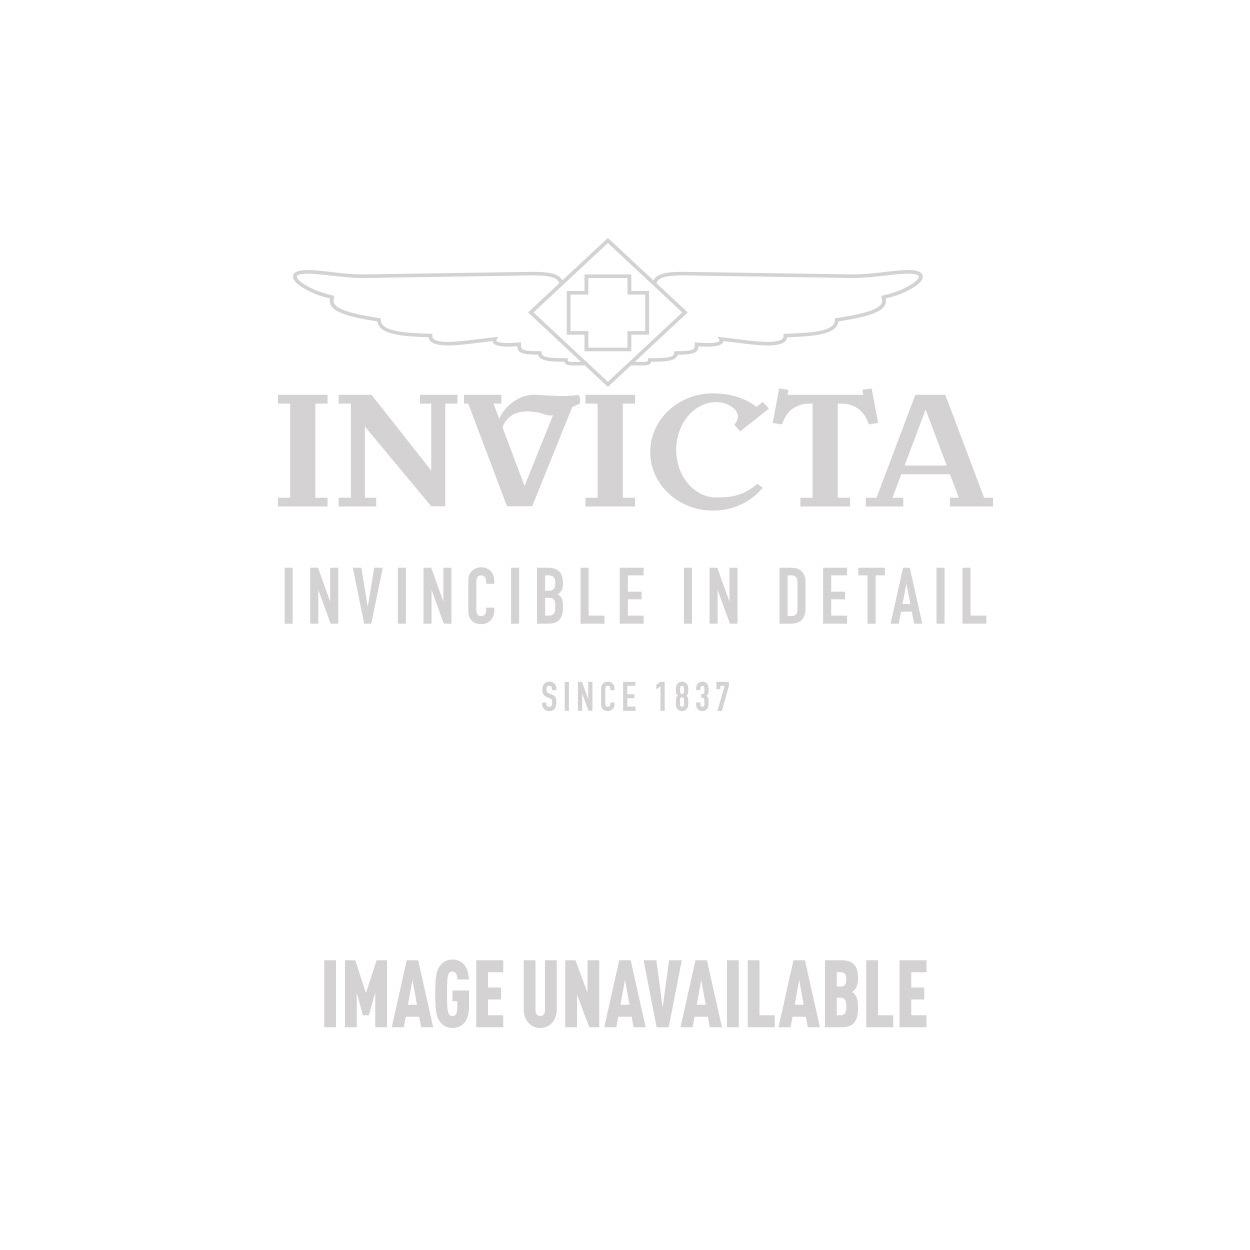 Invicta Model  25127